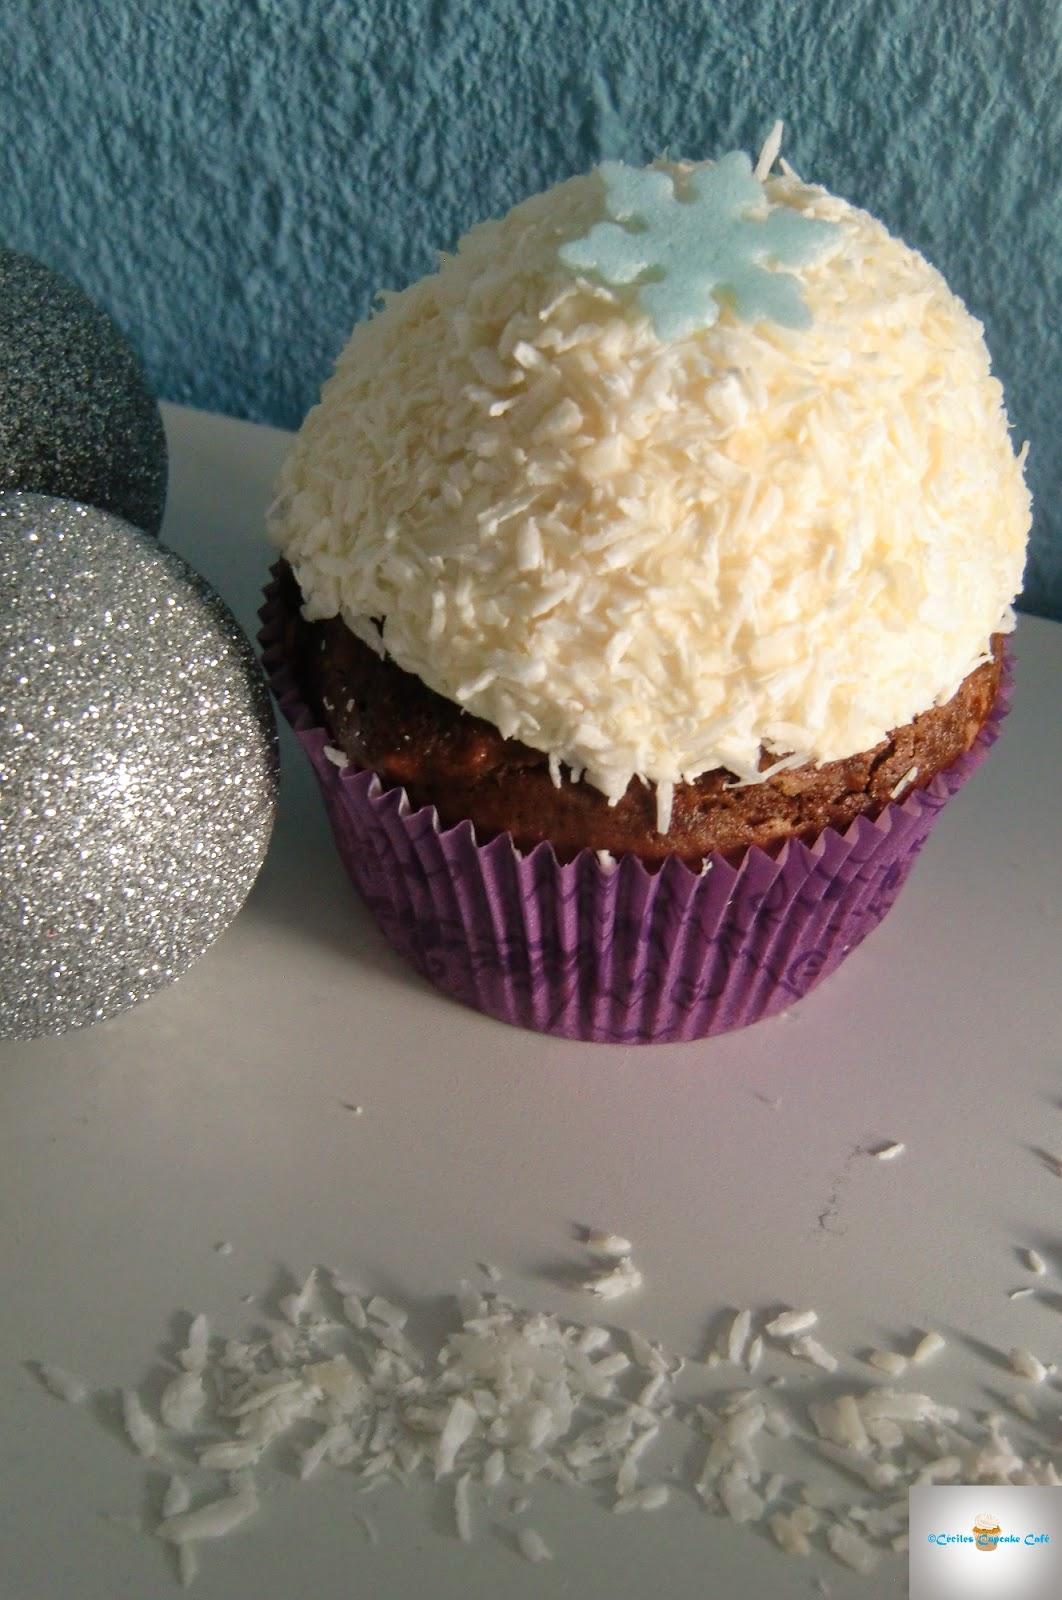 http://cecilecupcakecafe.blogspot.de/2015/01/schoko-kokos-schneeball-cupcakes.html